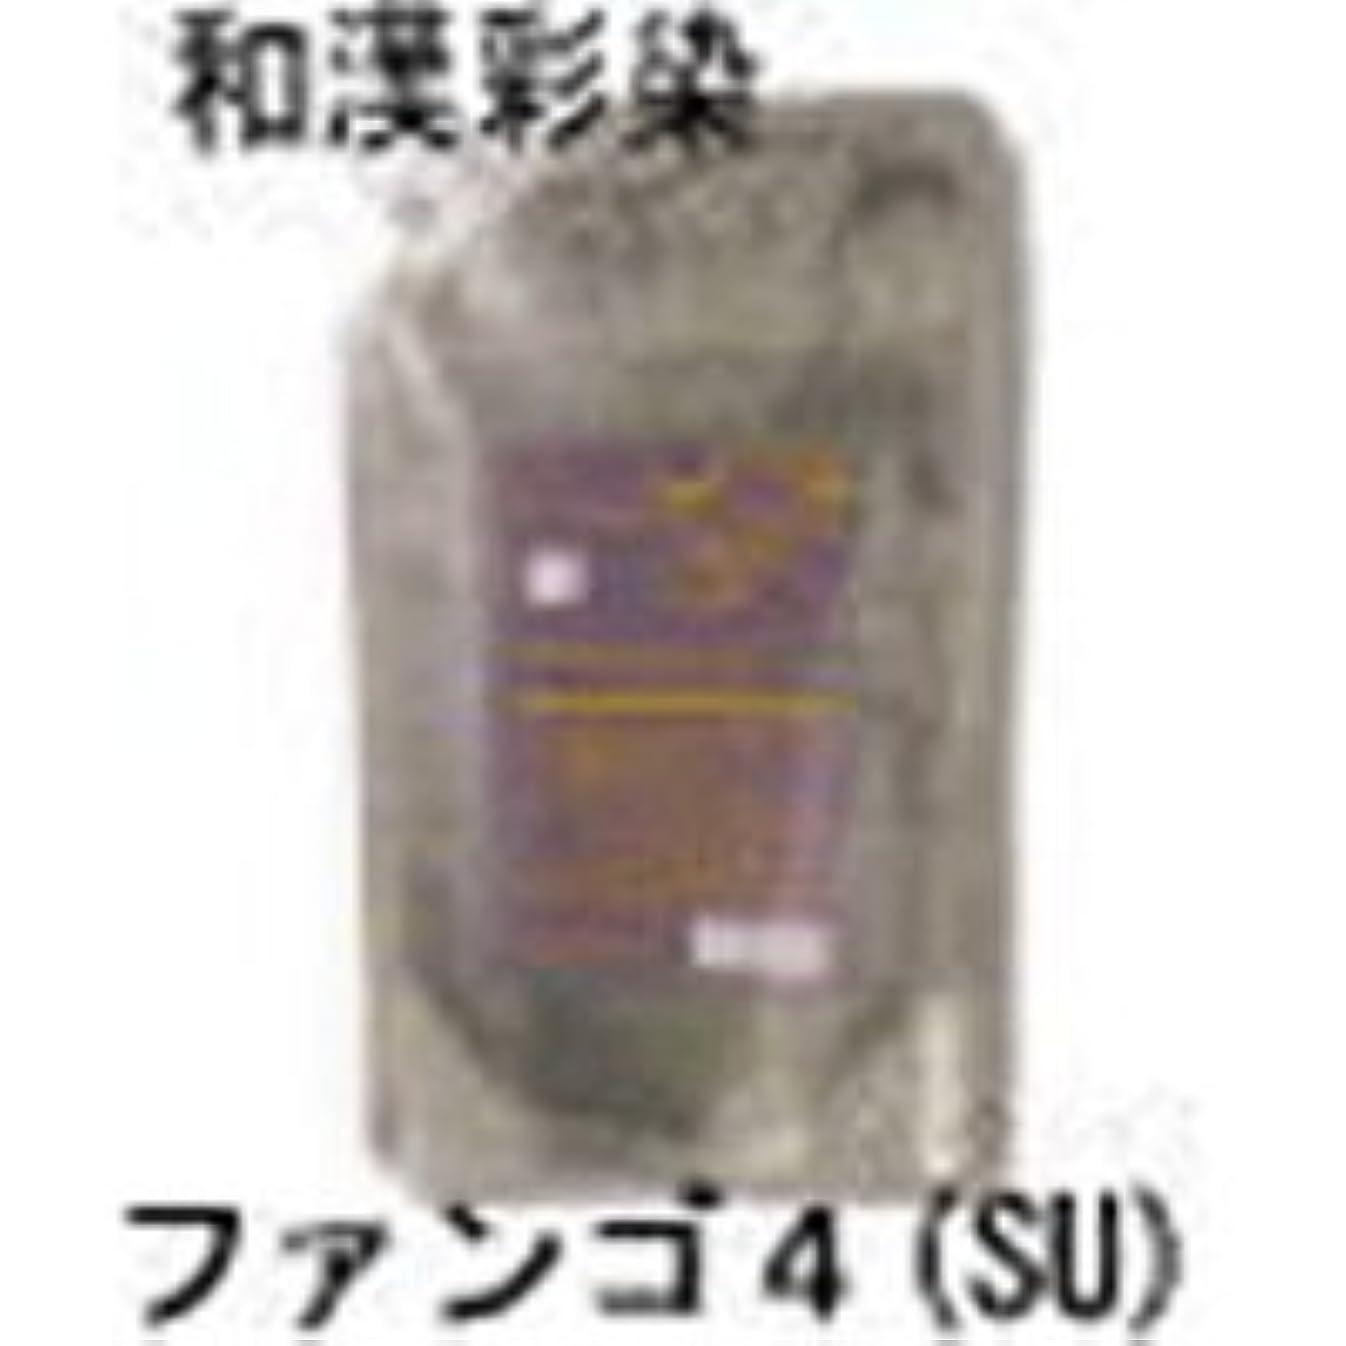 サーキュレーション極貧キウイグランデックス アルティゾラ APT 和漢彩染 ファンゴ4 スーパーボリュームアップ SU 800g